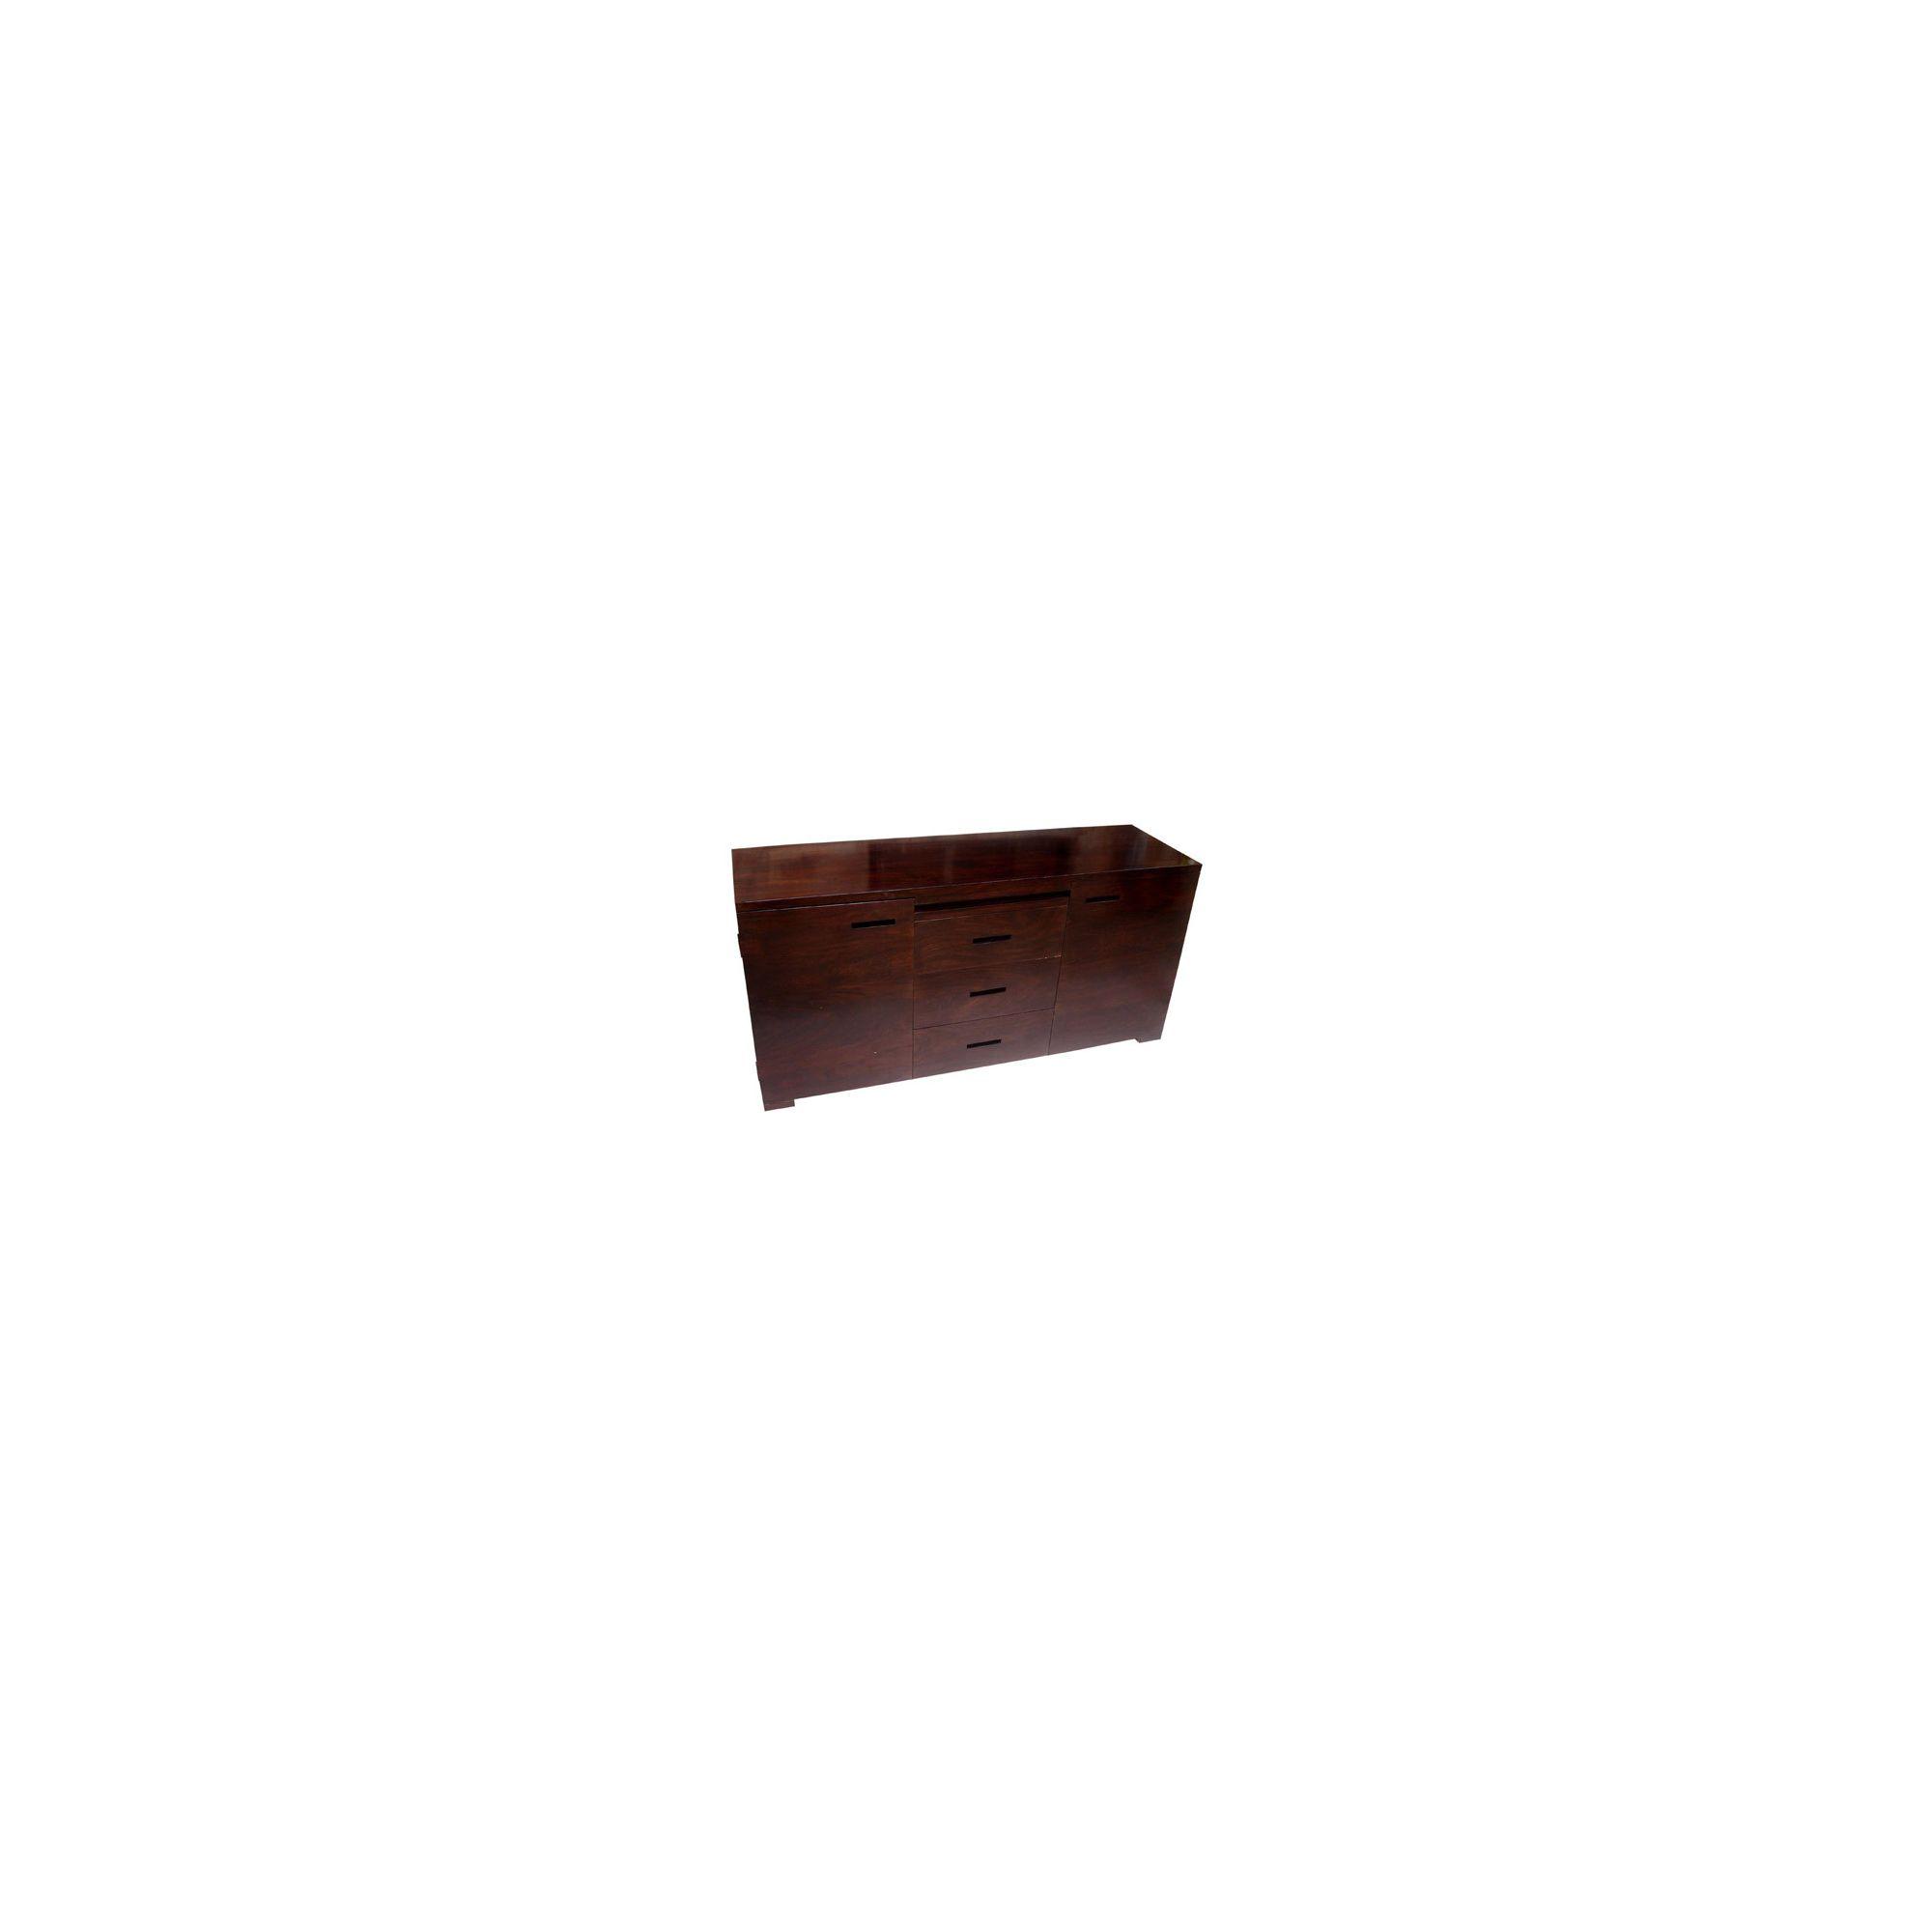 Guru design Saragossa Mini Sideboard at Tesco Direct